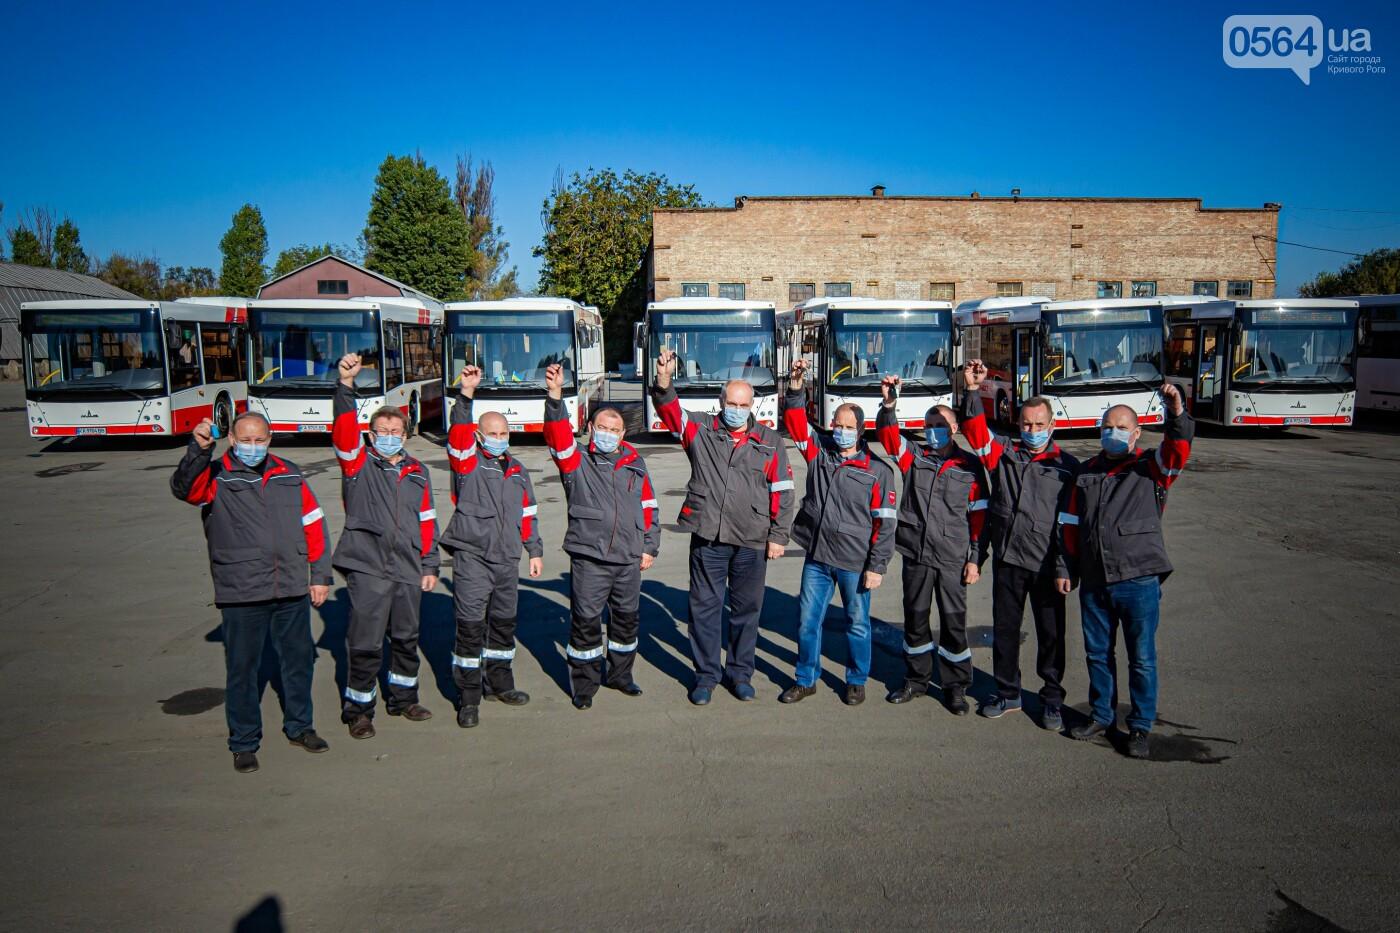 На СевГОКе обновили автопарк пассажирского транспорта для комфортной и безопасной перевозки сотрудников , фото-5